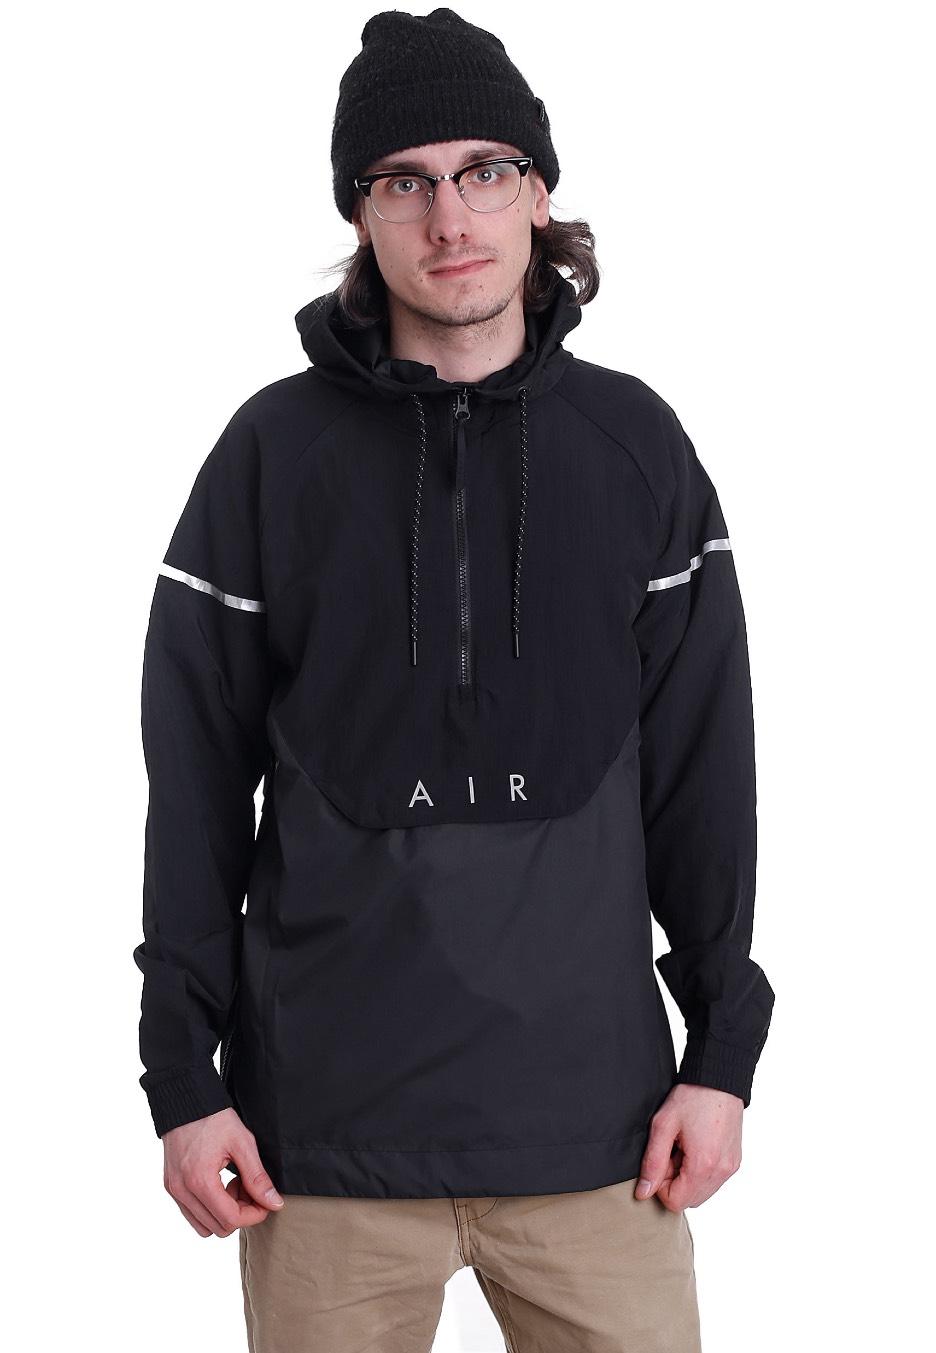 af07a5858a03 Nike - Sportswear - Windbreaker - Streetwear Shop - Impericon.com UK